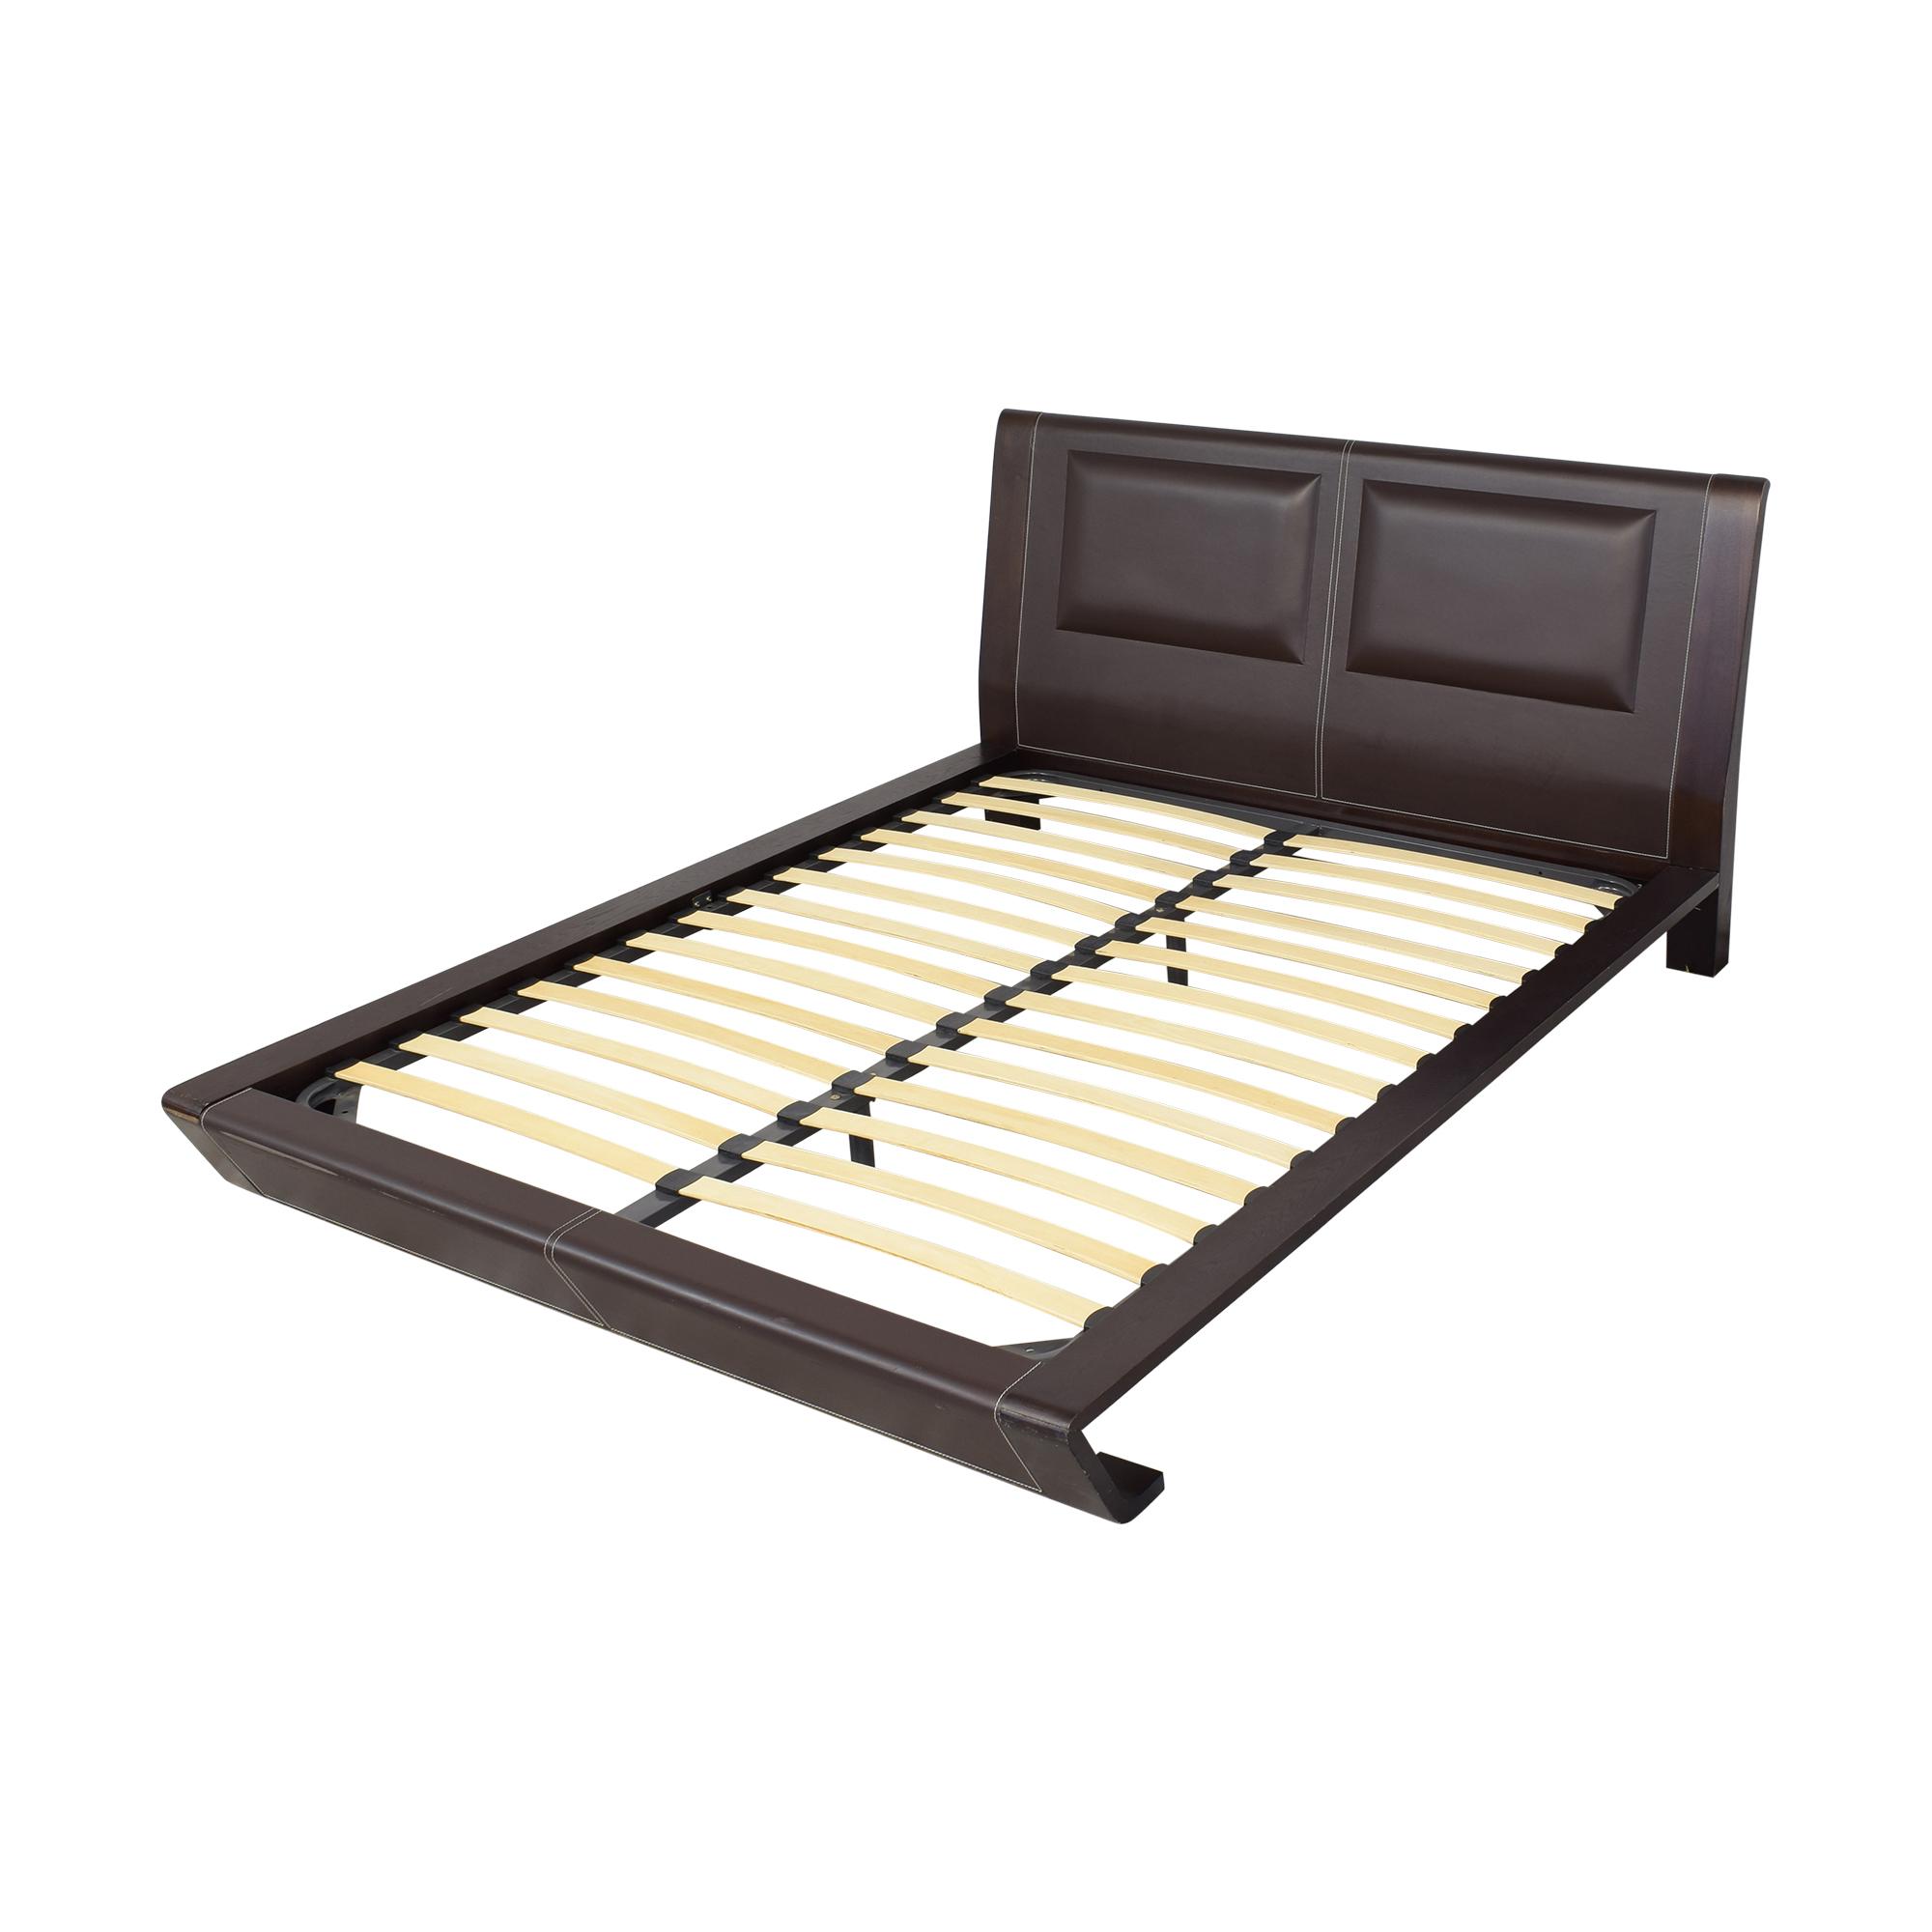 J&M Furniture J&M Modern Queen Platform Bed Beds